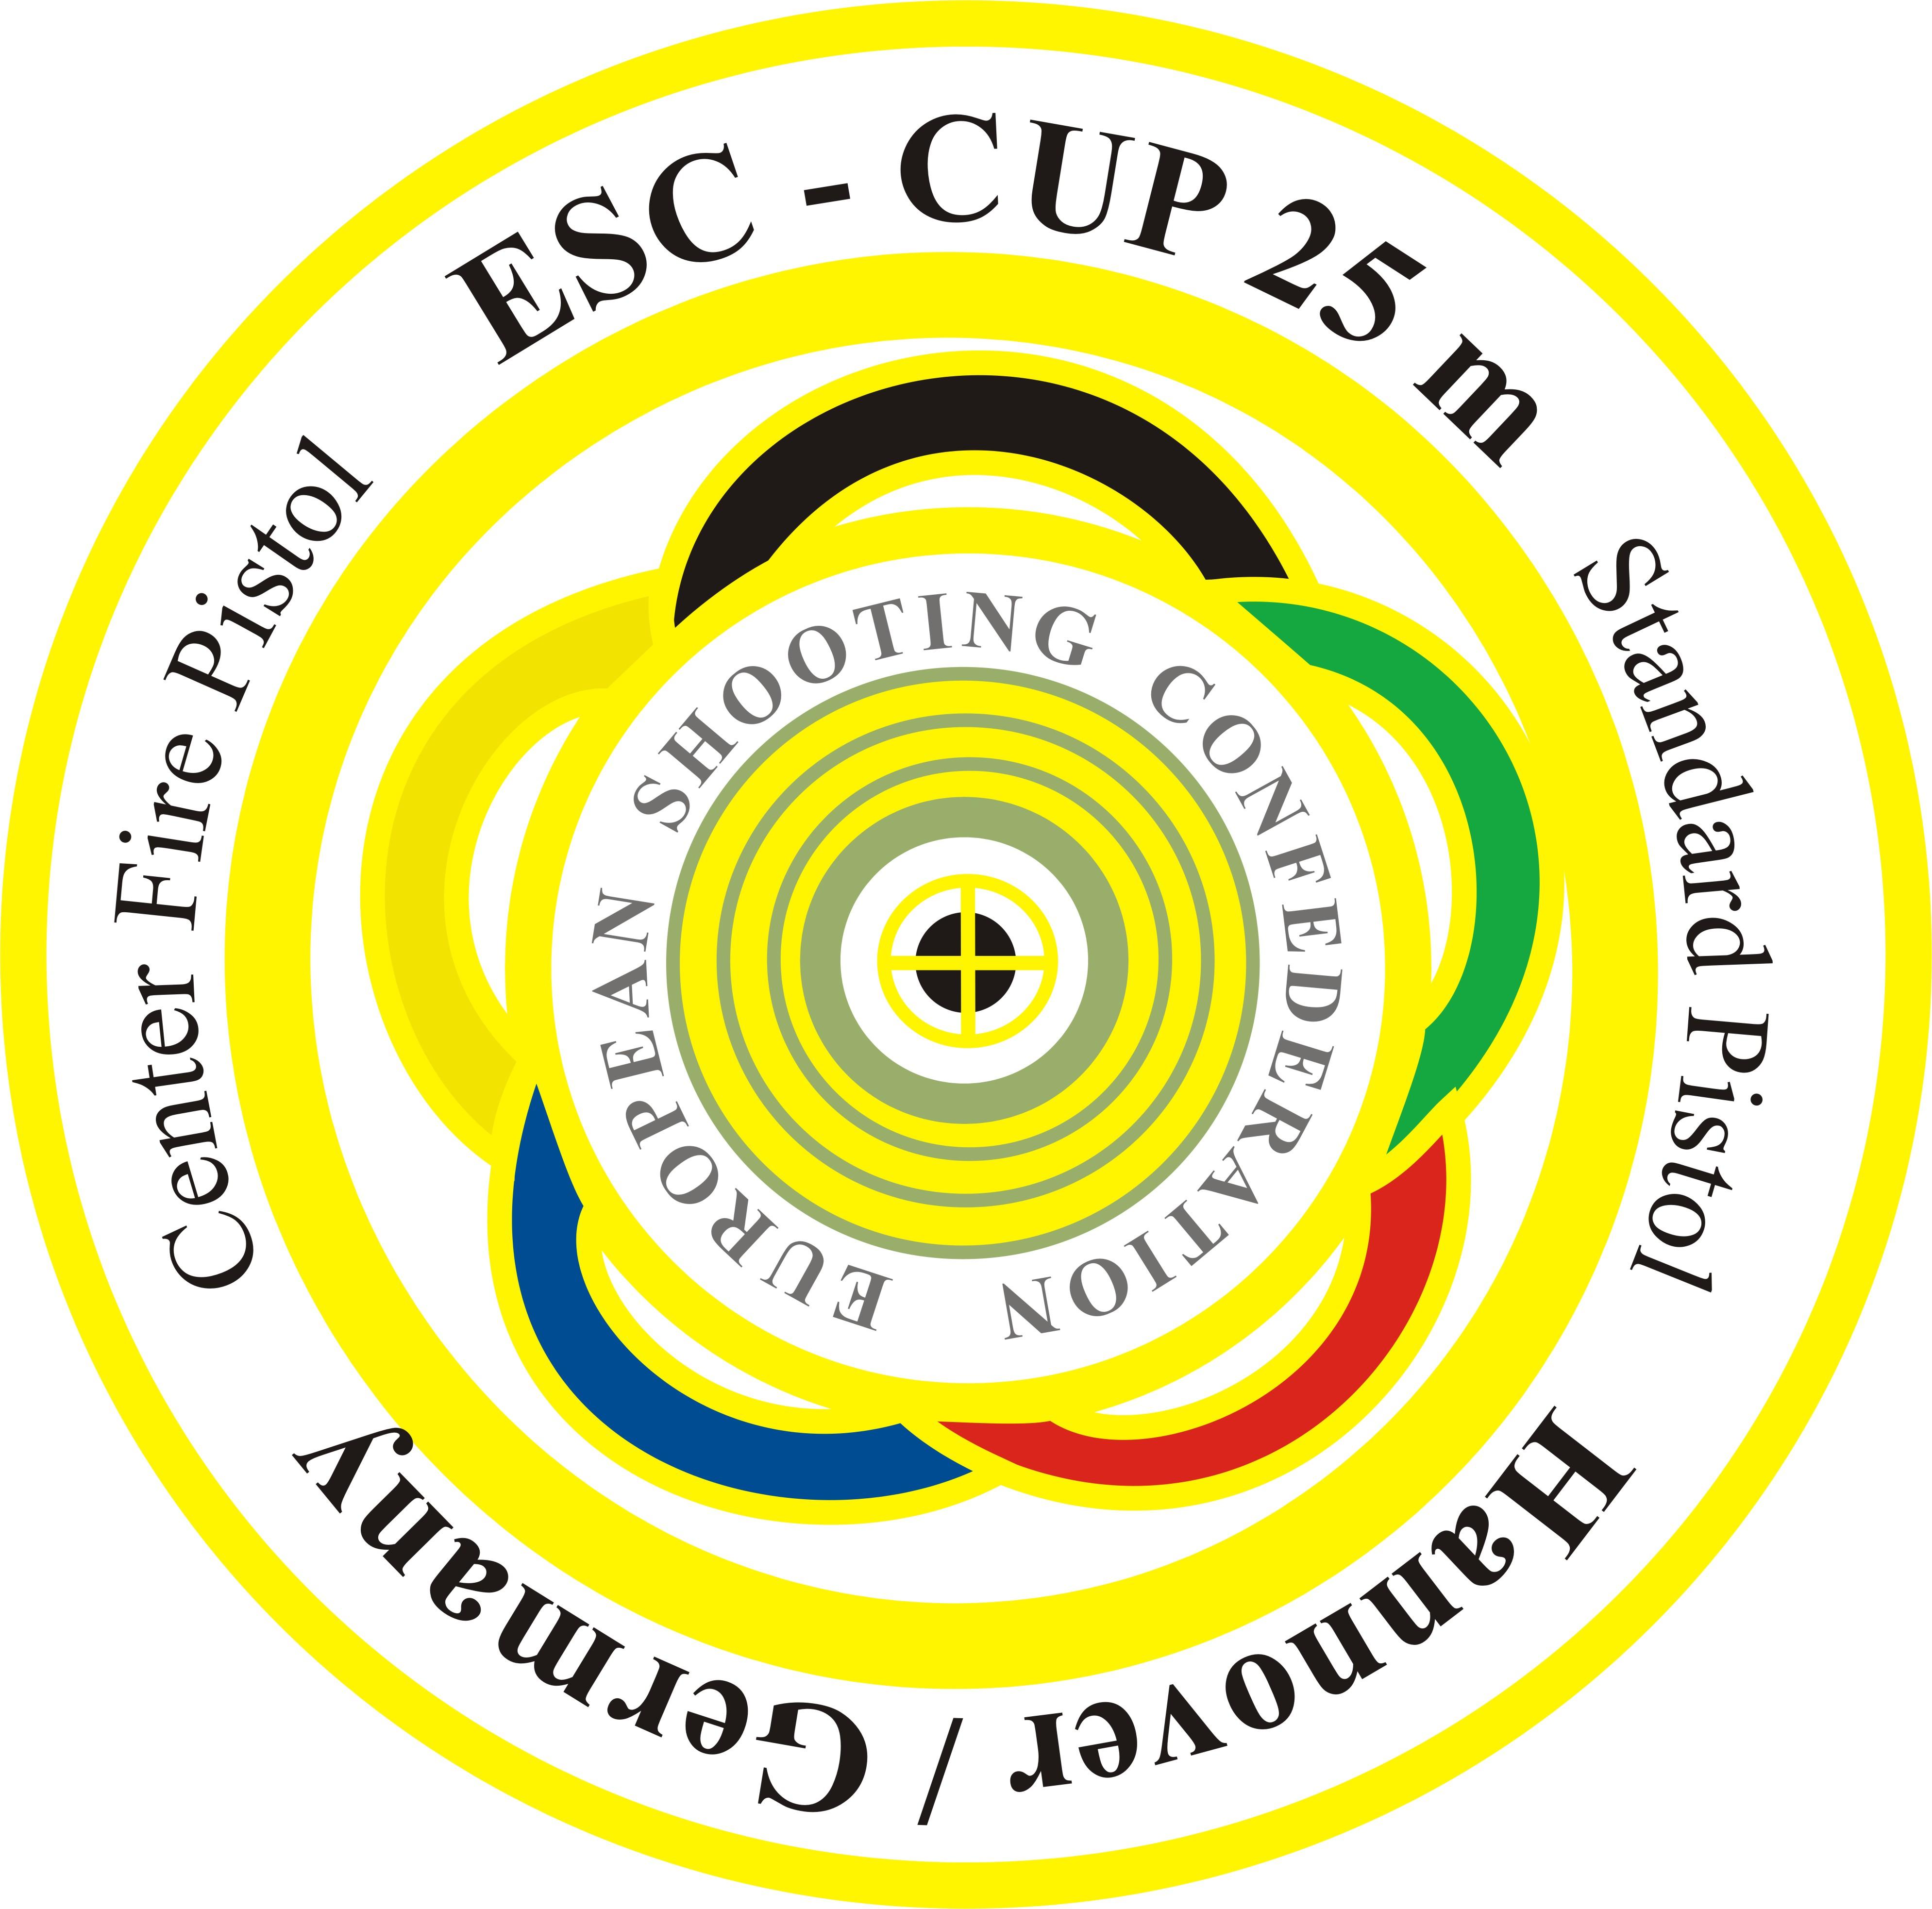 Logo-Eurocup11-.jpg